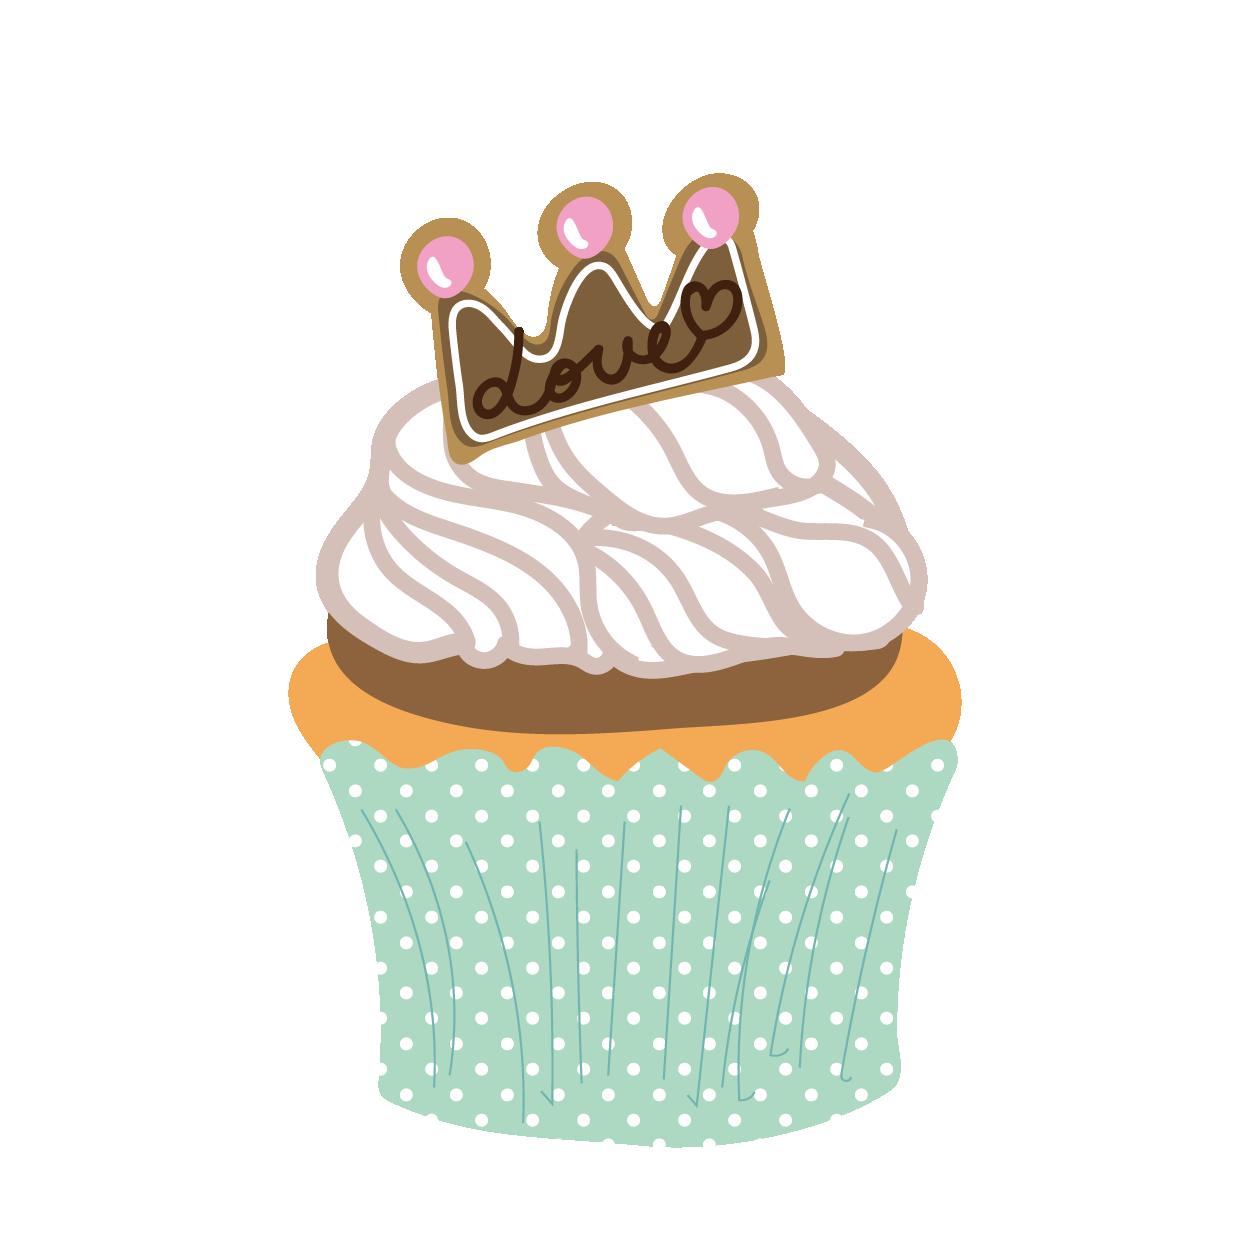 クリームがのったカップケーキ【スイーツ・お菓子】 | 商用フリー(無料